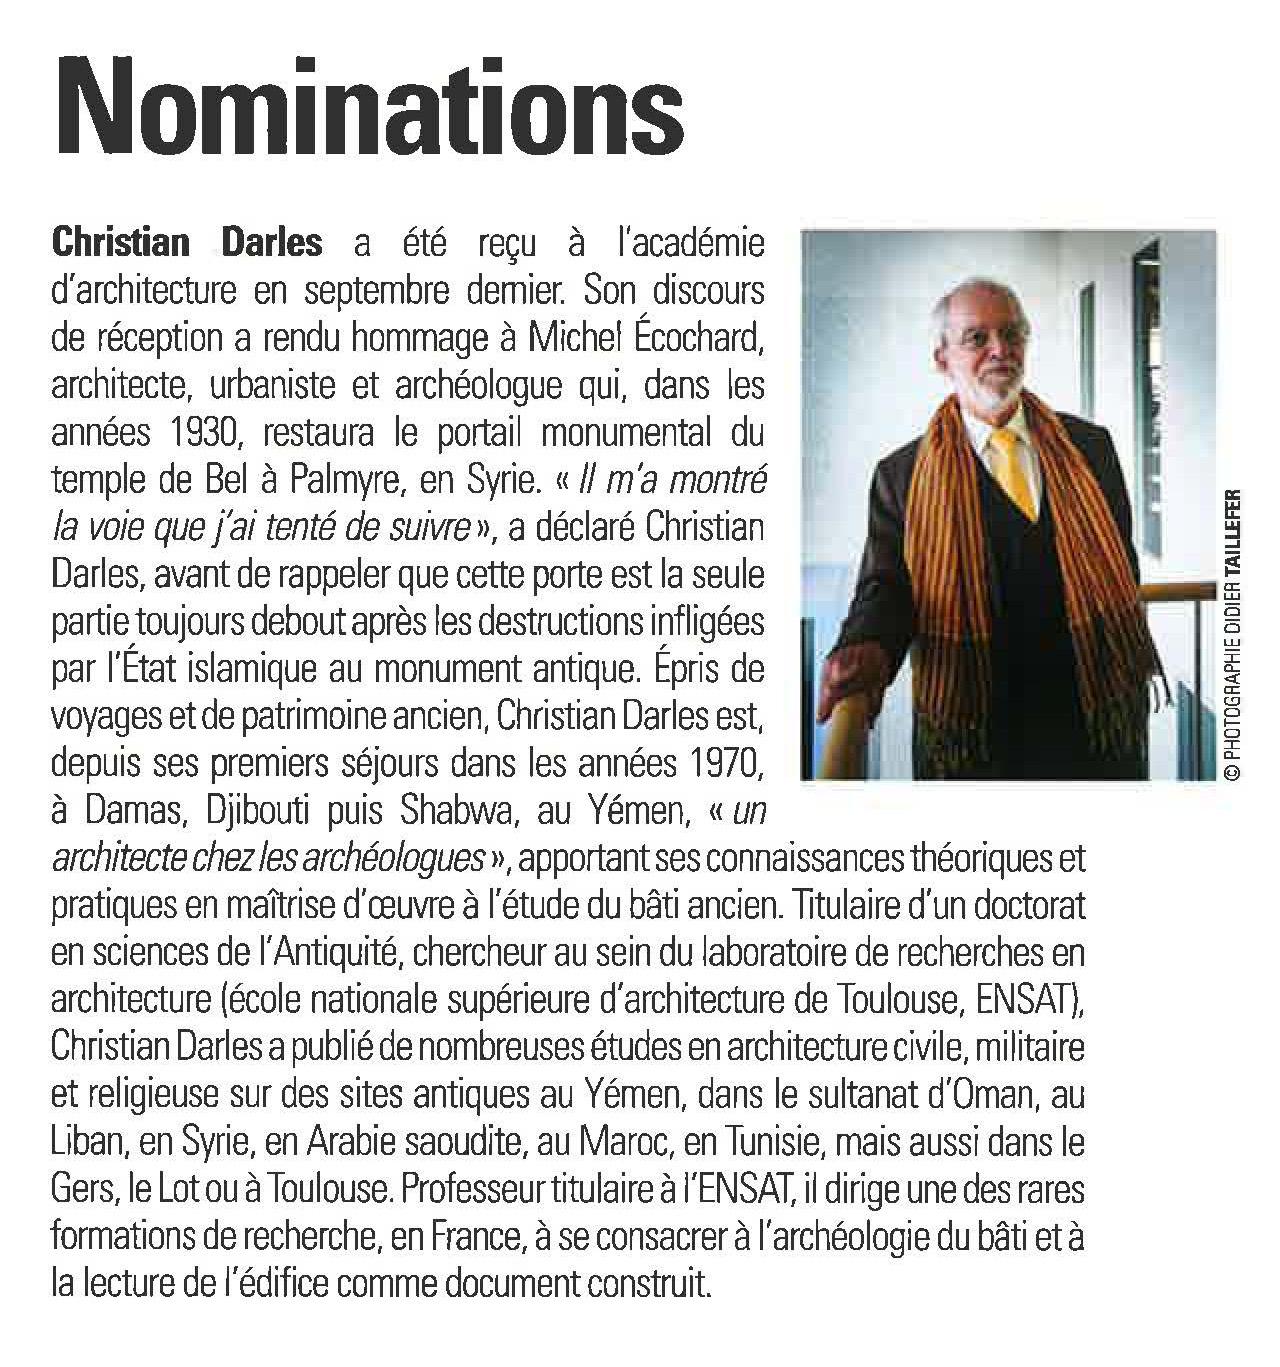 Nomination de Christian Darles à l'Académie d'Architecture